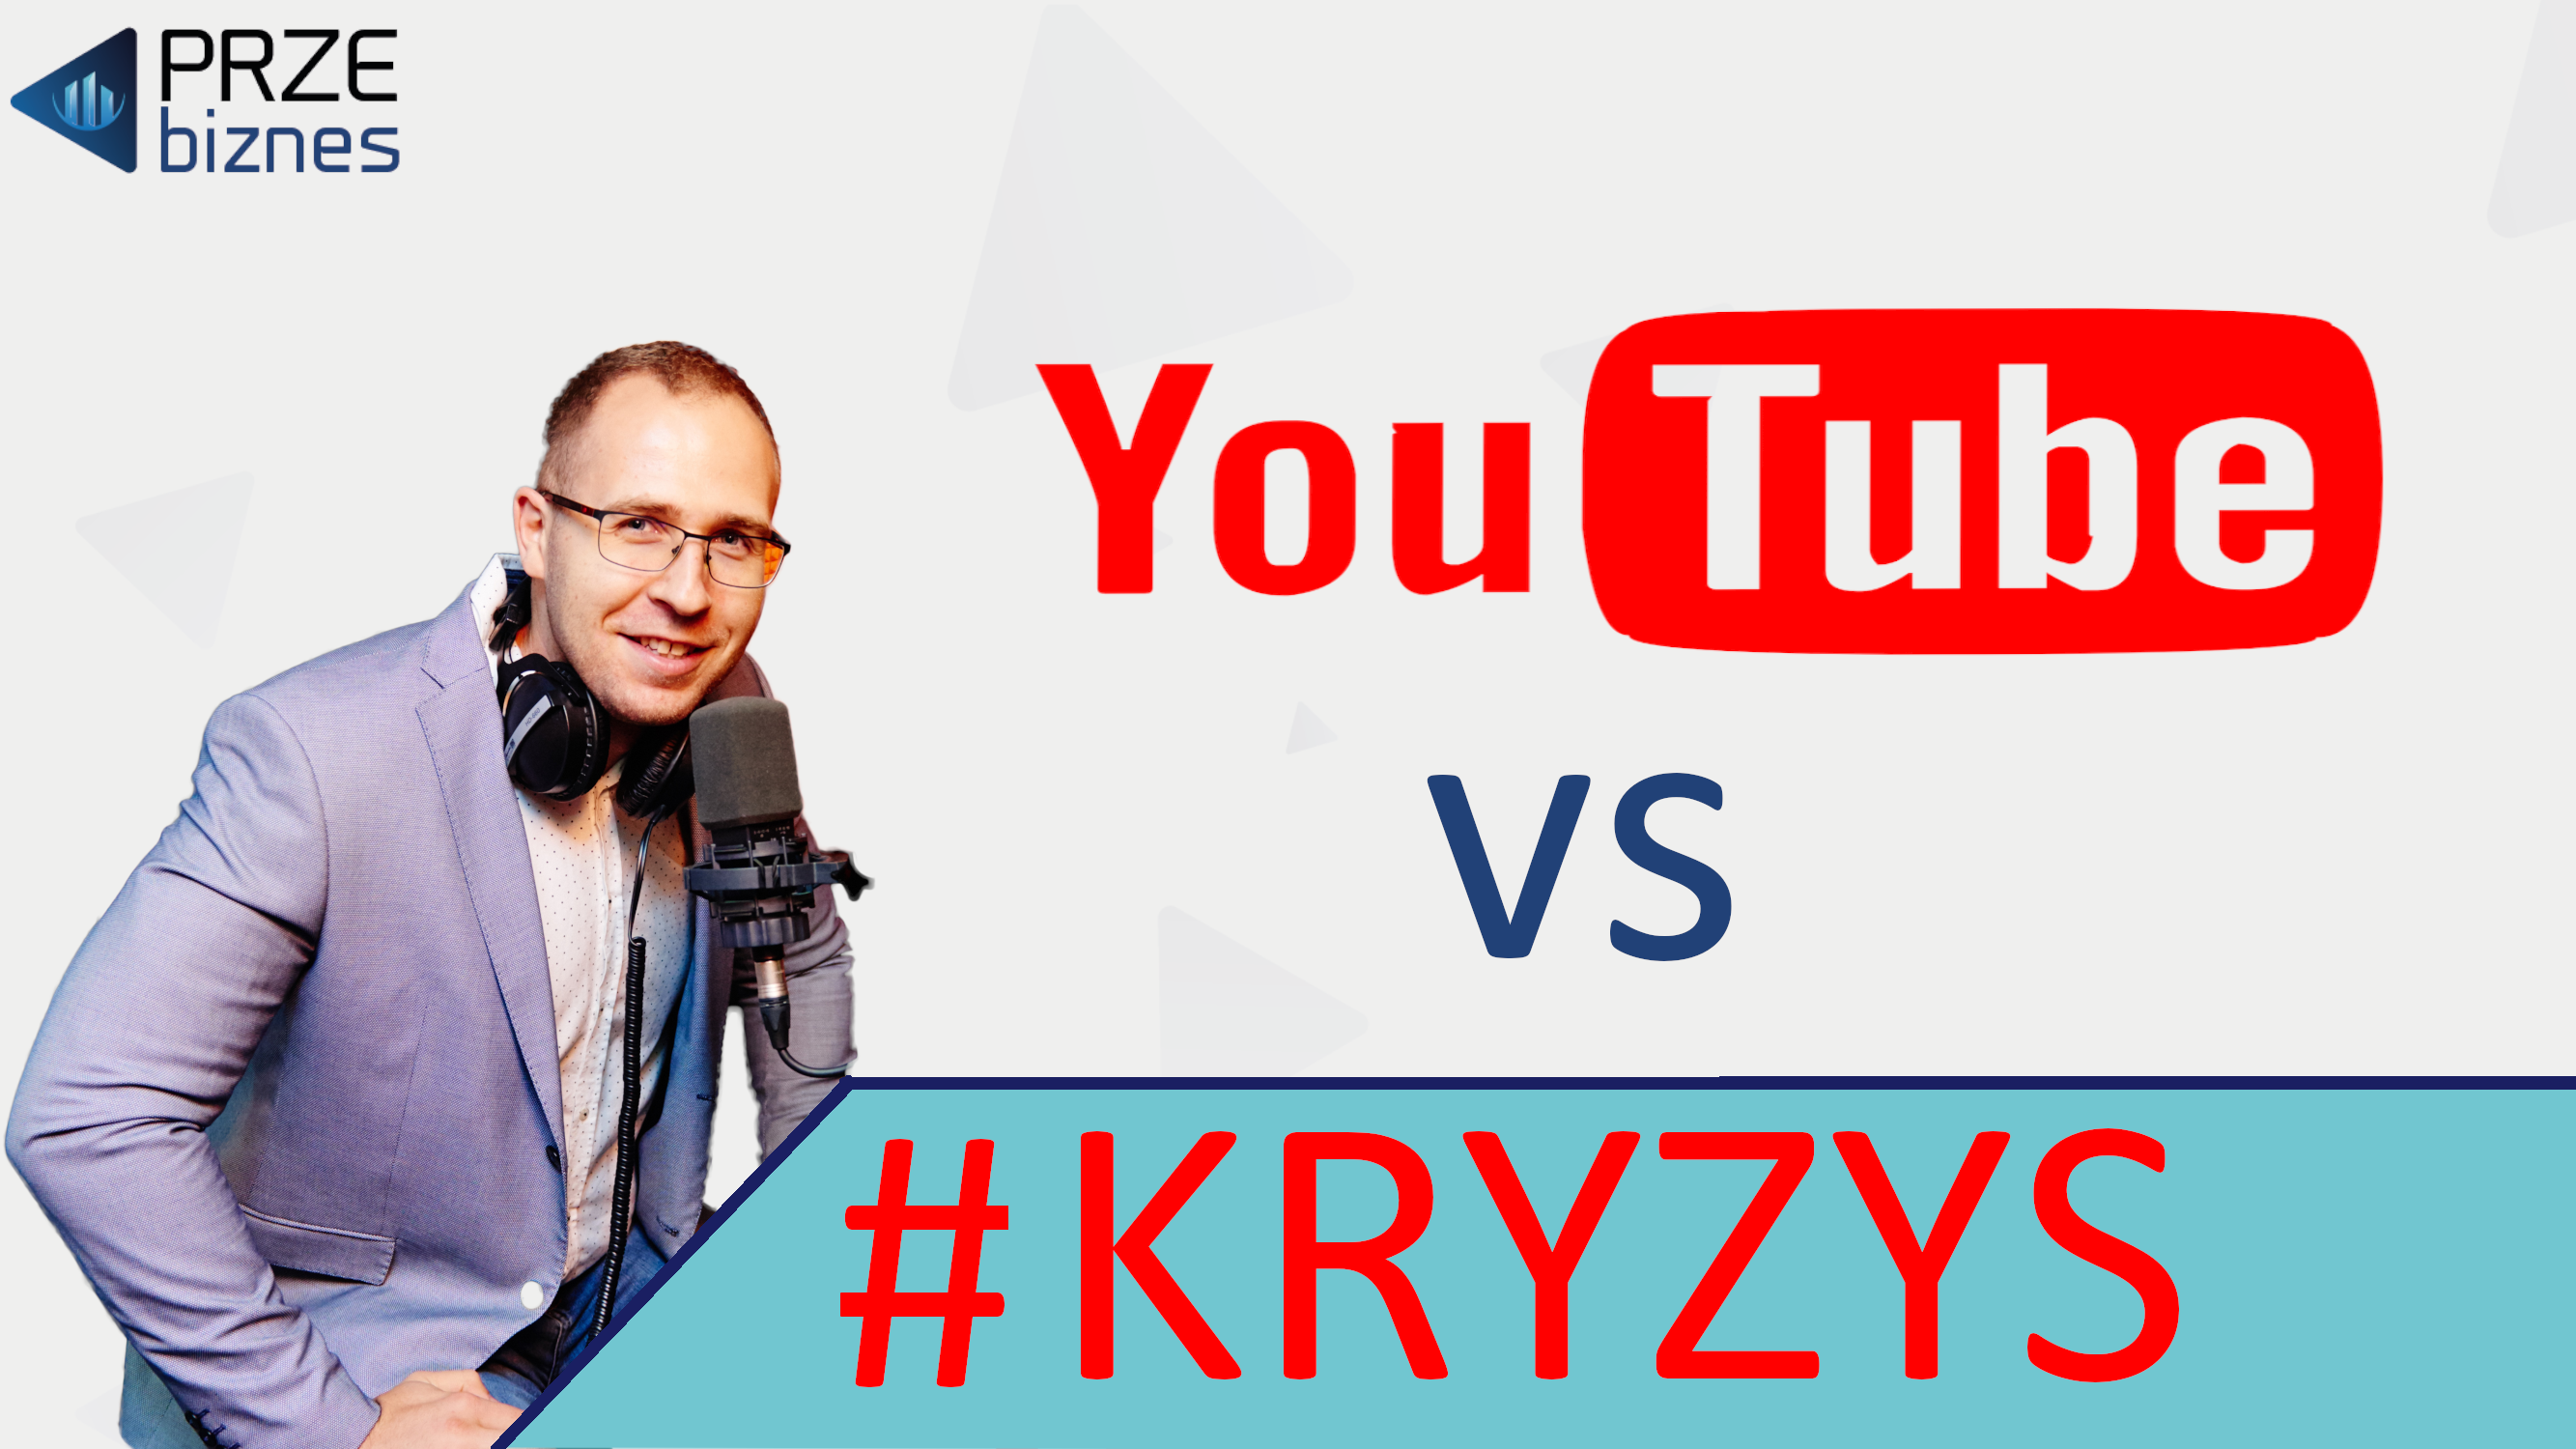 mężczyzna z garniturze i słuchawkach napis youtube vs kryzys